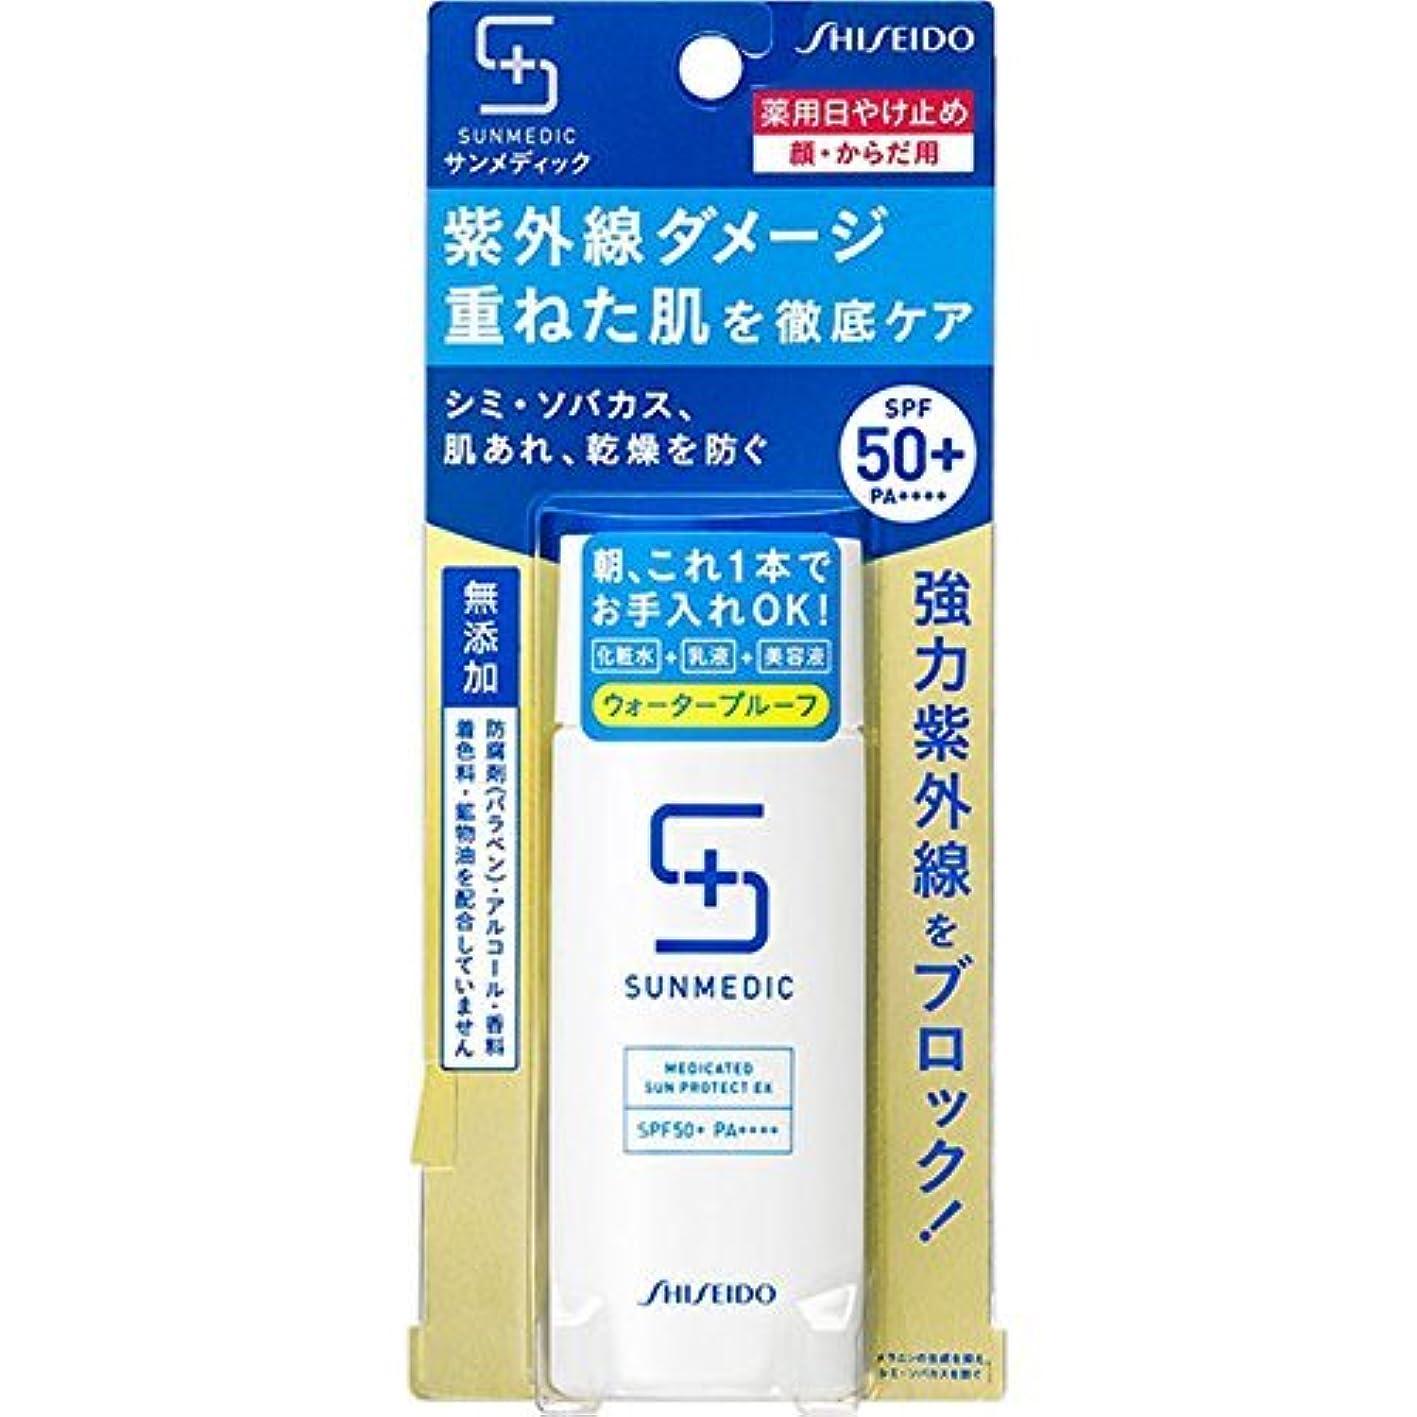 有名な代わりにを立てる軽減するMK サンメディックUV 薬用サンプロテクトEX 50mL (医薬部外品)